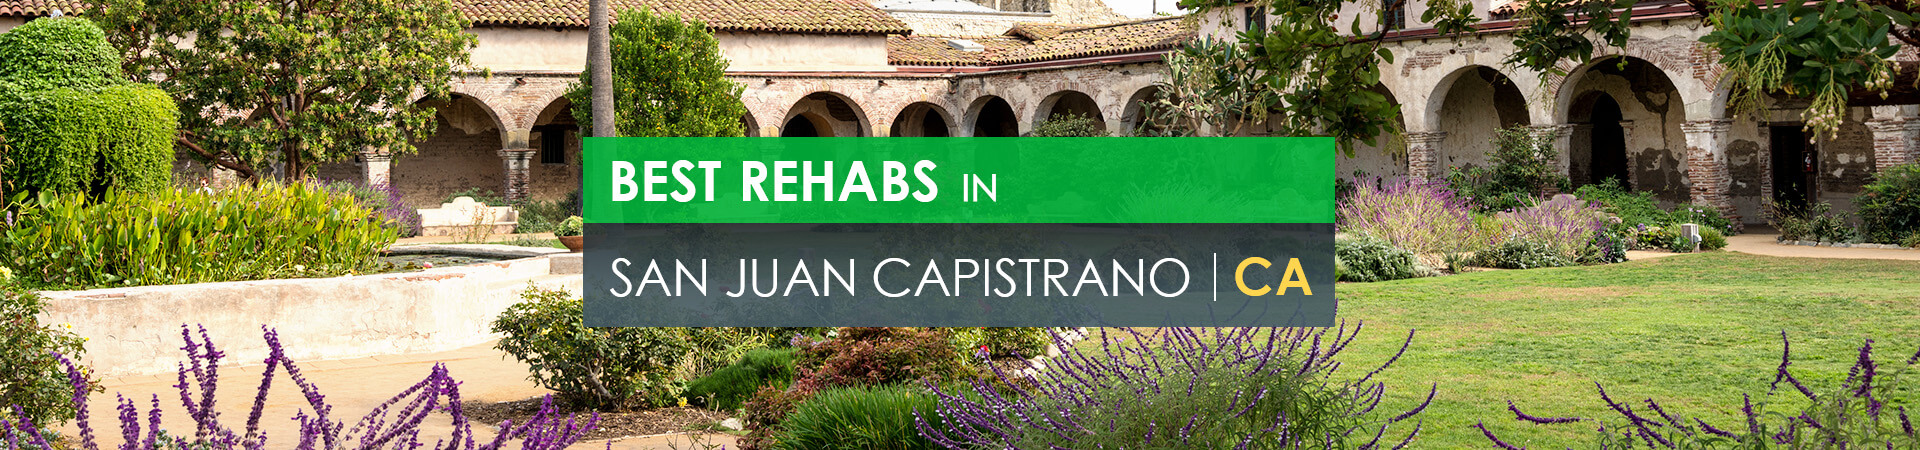 Best rehabs in San Juan Capistrano, CA